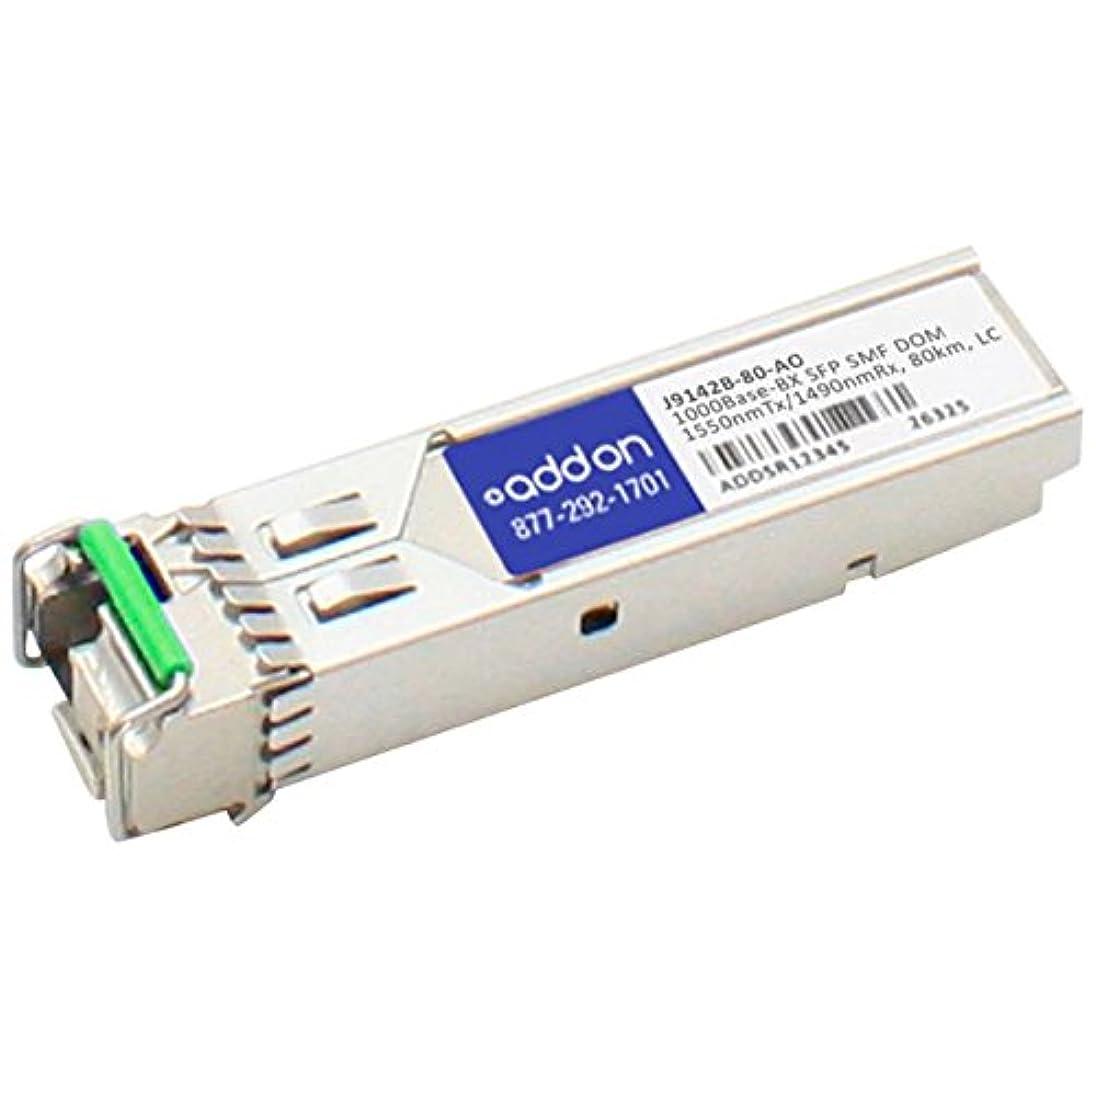 彼らは満員透過性AddOn - SFP (mini-GBIC) transceiver module ( equivalent to: HP J9142B ) - Gigabit Ethernet - 1000Base-BX - LC single mode - up to 49.7 miles - 1550 (TX) / 1490 (RX) nm - for HPE 1410, 1700,